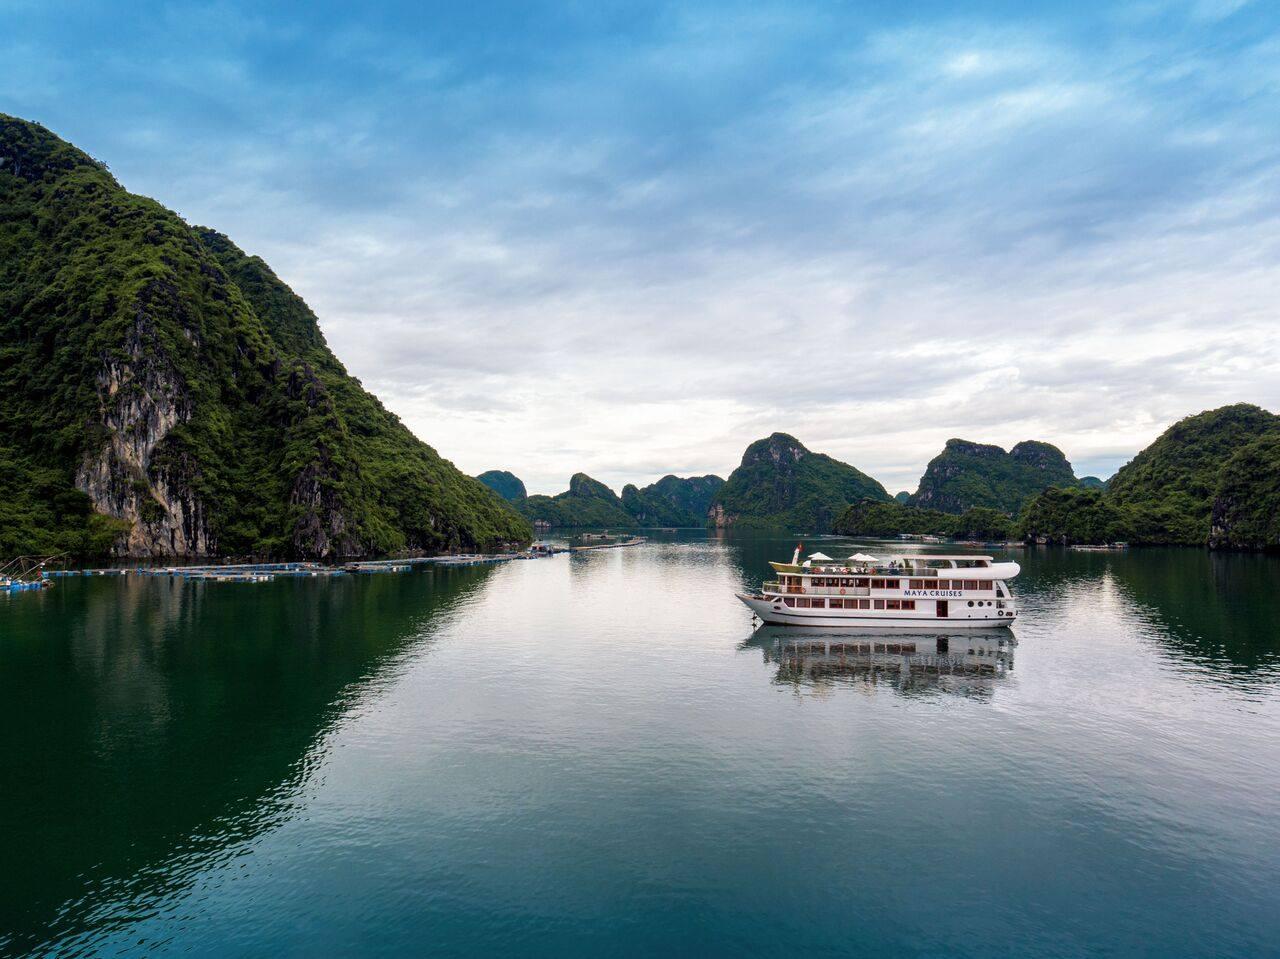 Top 5 must see honeymoon destinations in Vietnam